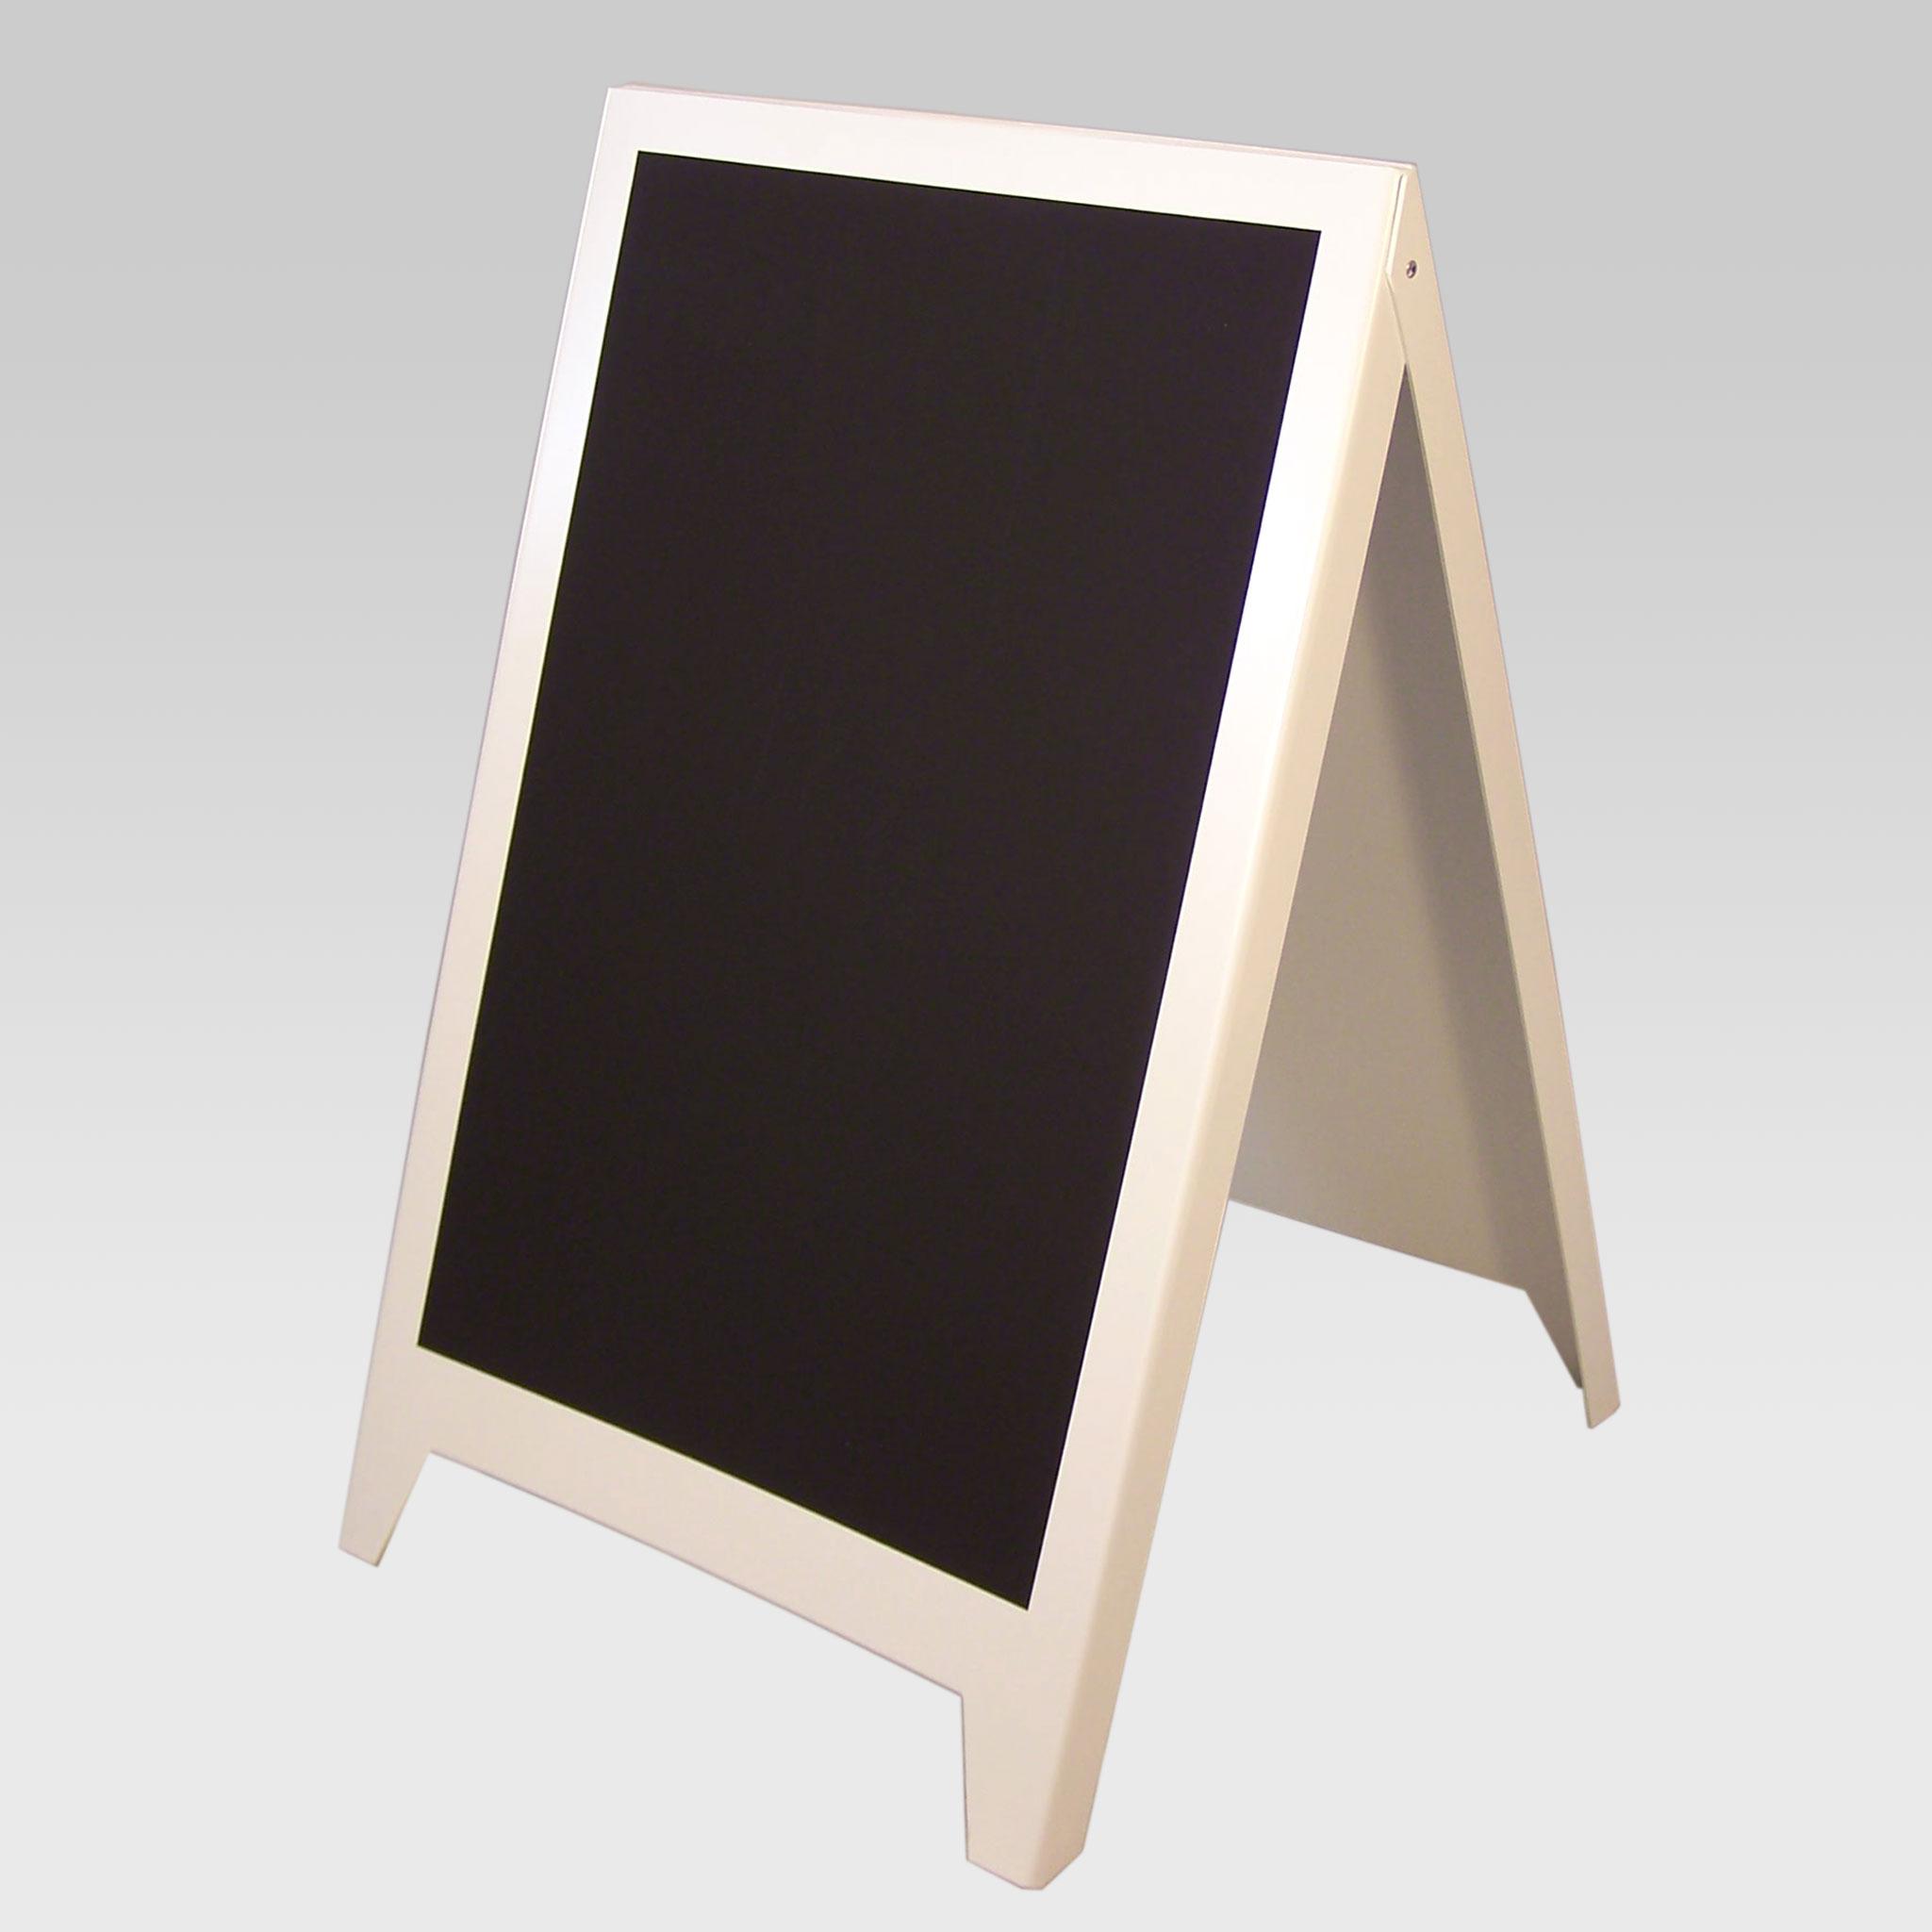 A-Standschild, A1, mit Sichtscheibe, weiß